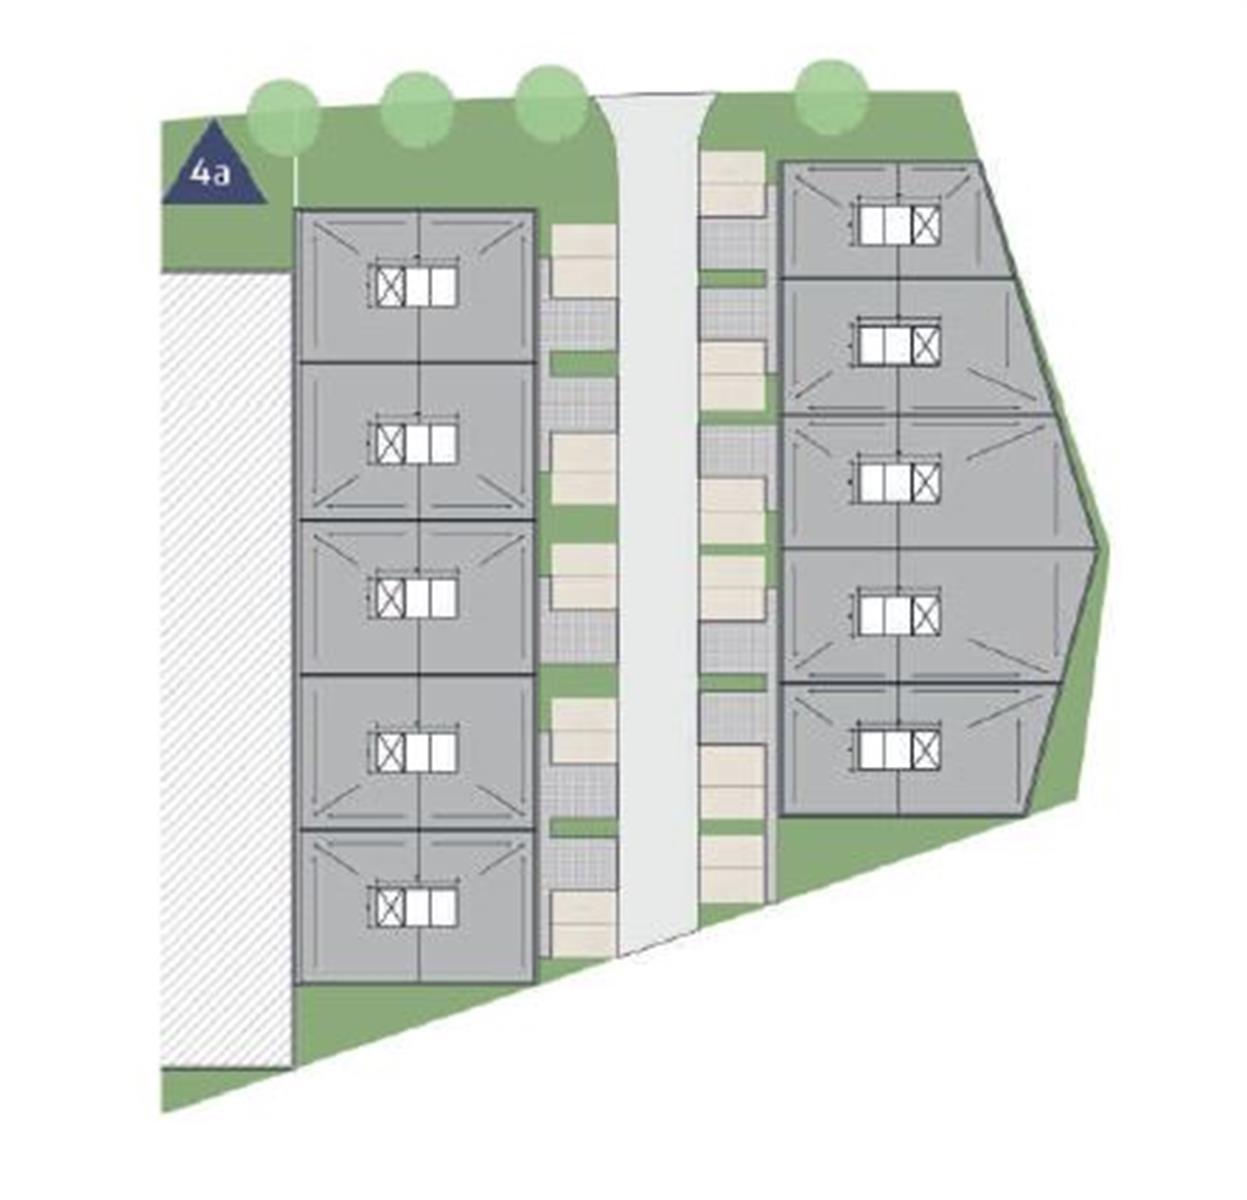 KMO-unit te koop Bollaarpark Lier - 2500 Lier, België 1